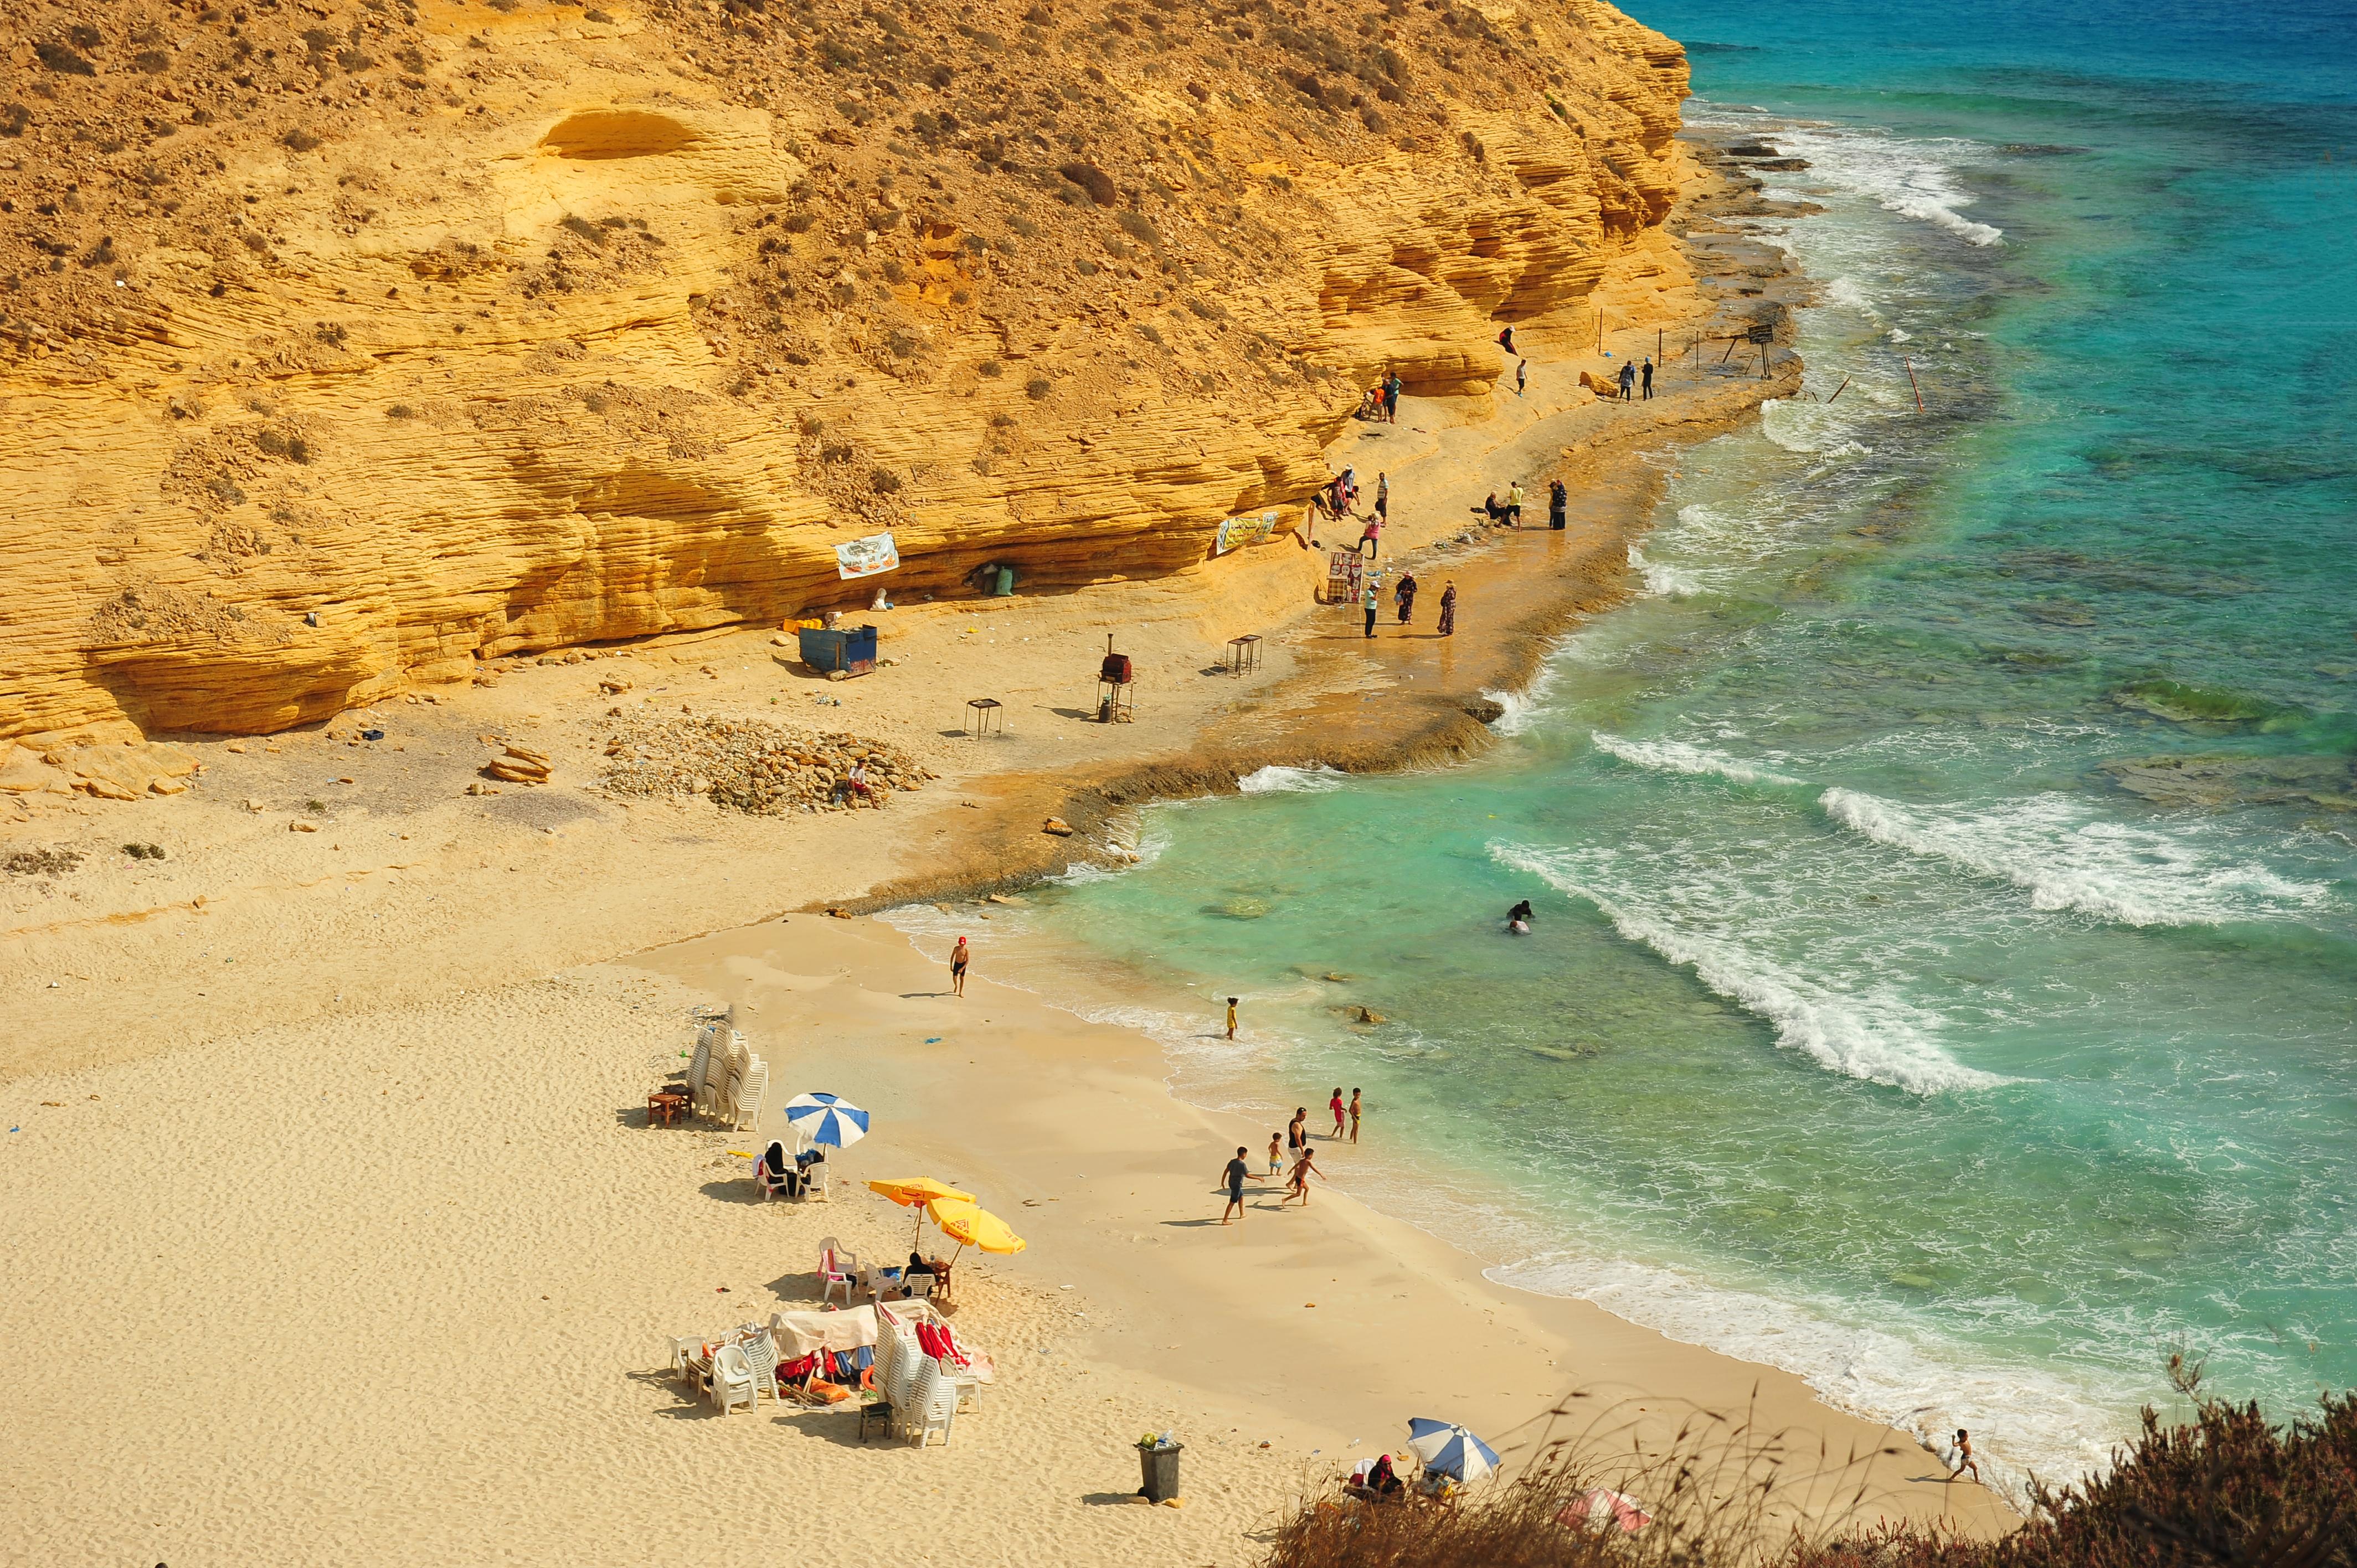 Agiba Beach conserva la esencia cultural de Egipto, escondida en la costa egipcia junto al impresionante mar Mediterráneo. Ubicada en Marsa Matruh, la playa está a pocos metros de la Roca de Cleopatra